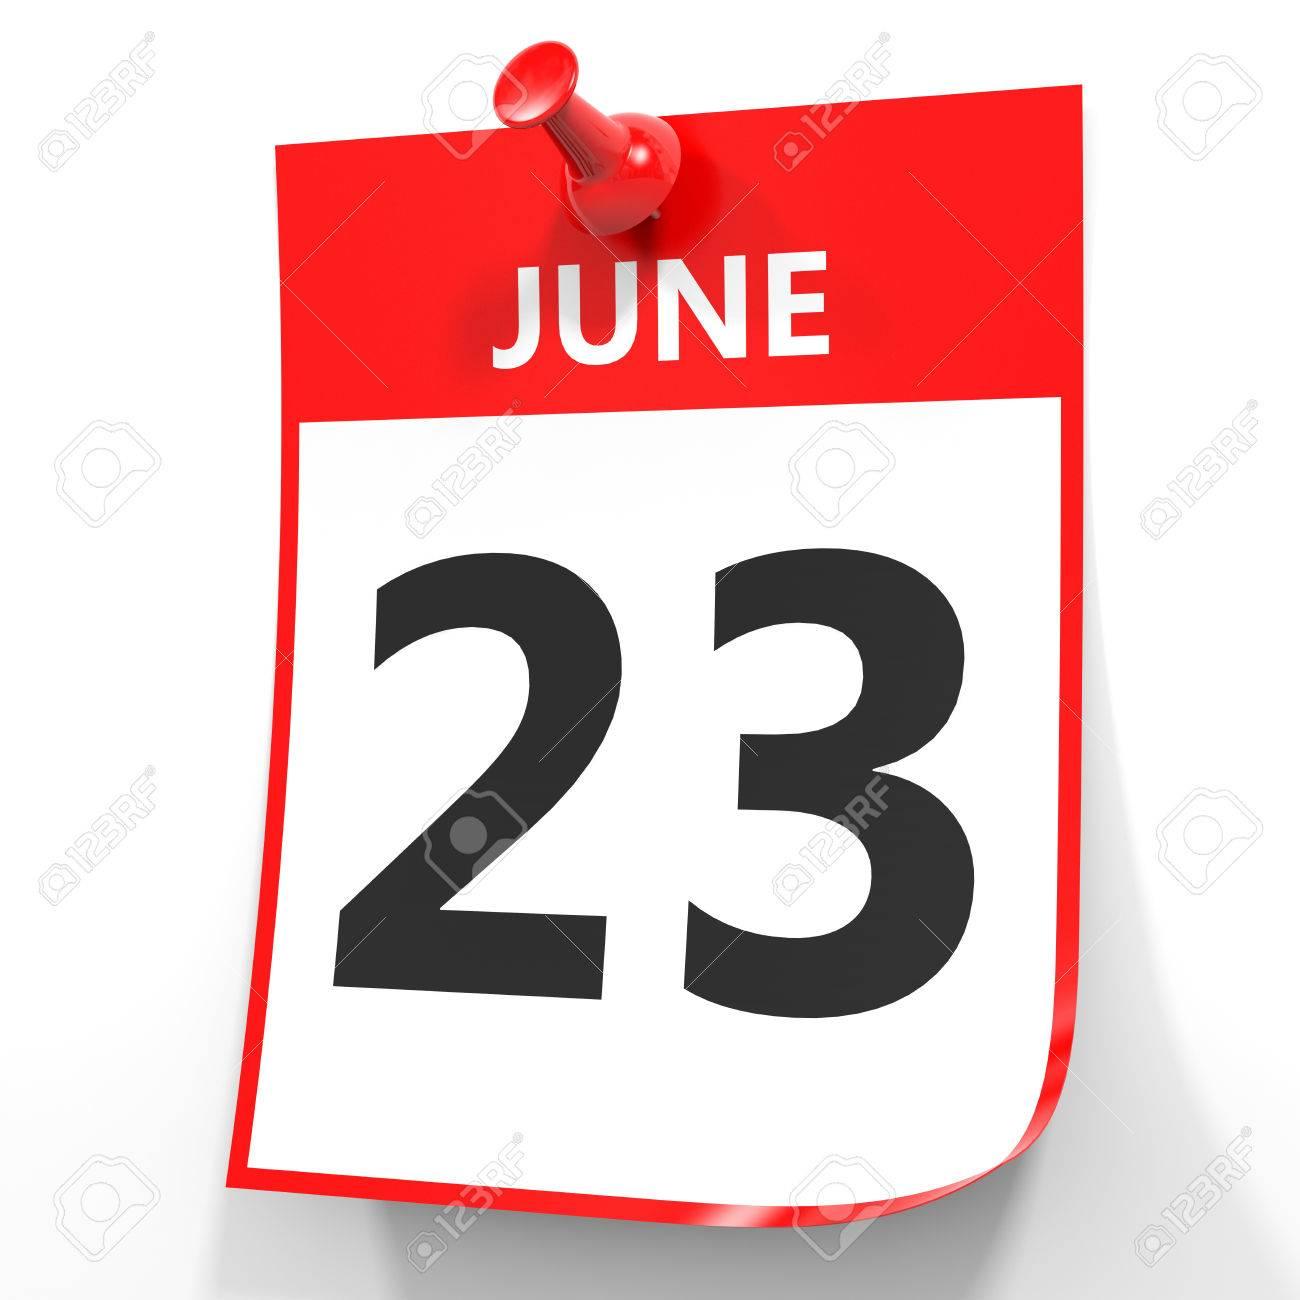 6 月 23 日 白い背景のカレンダーです 3 D イラスト の写真素材 画像素材 Image